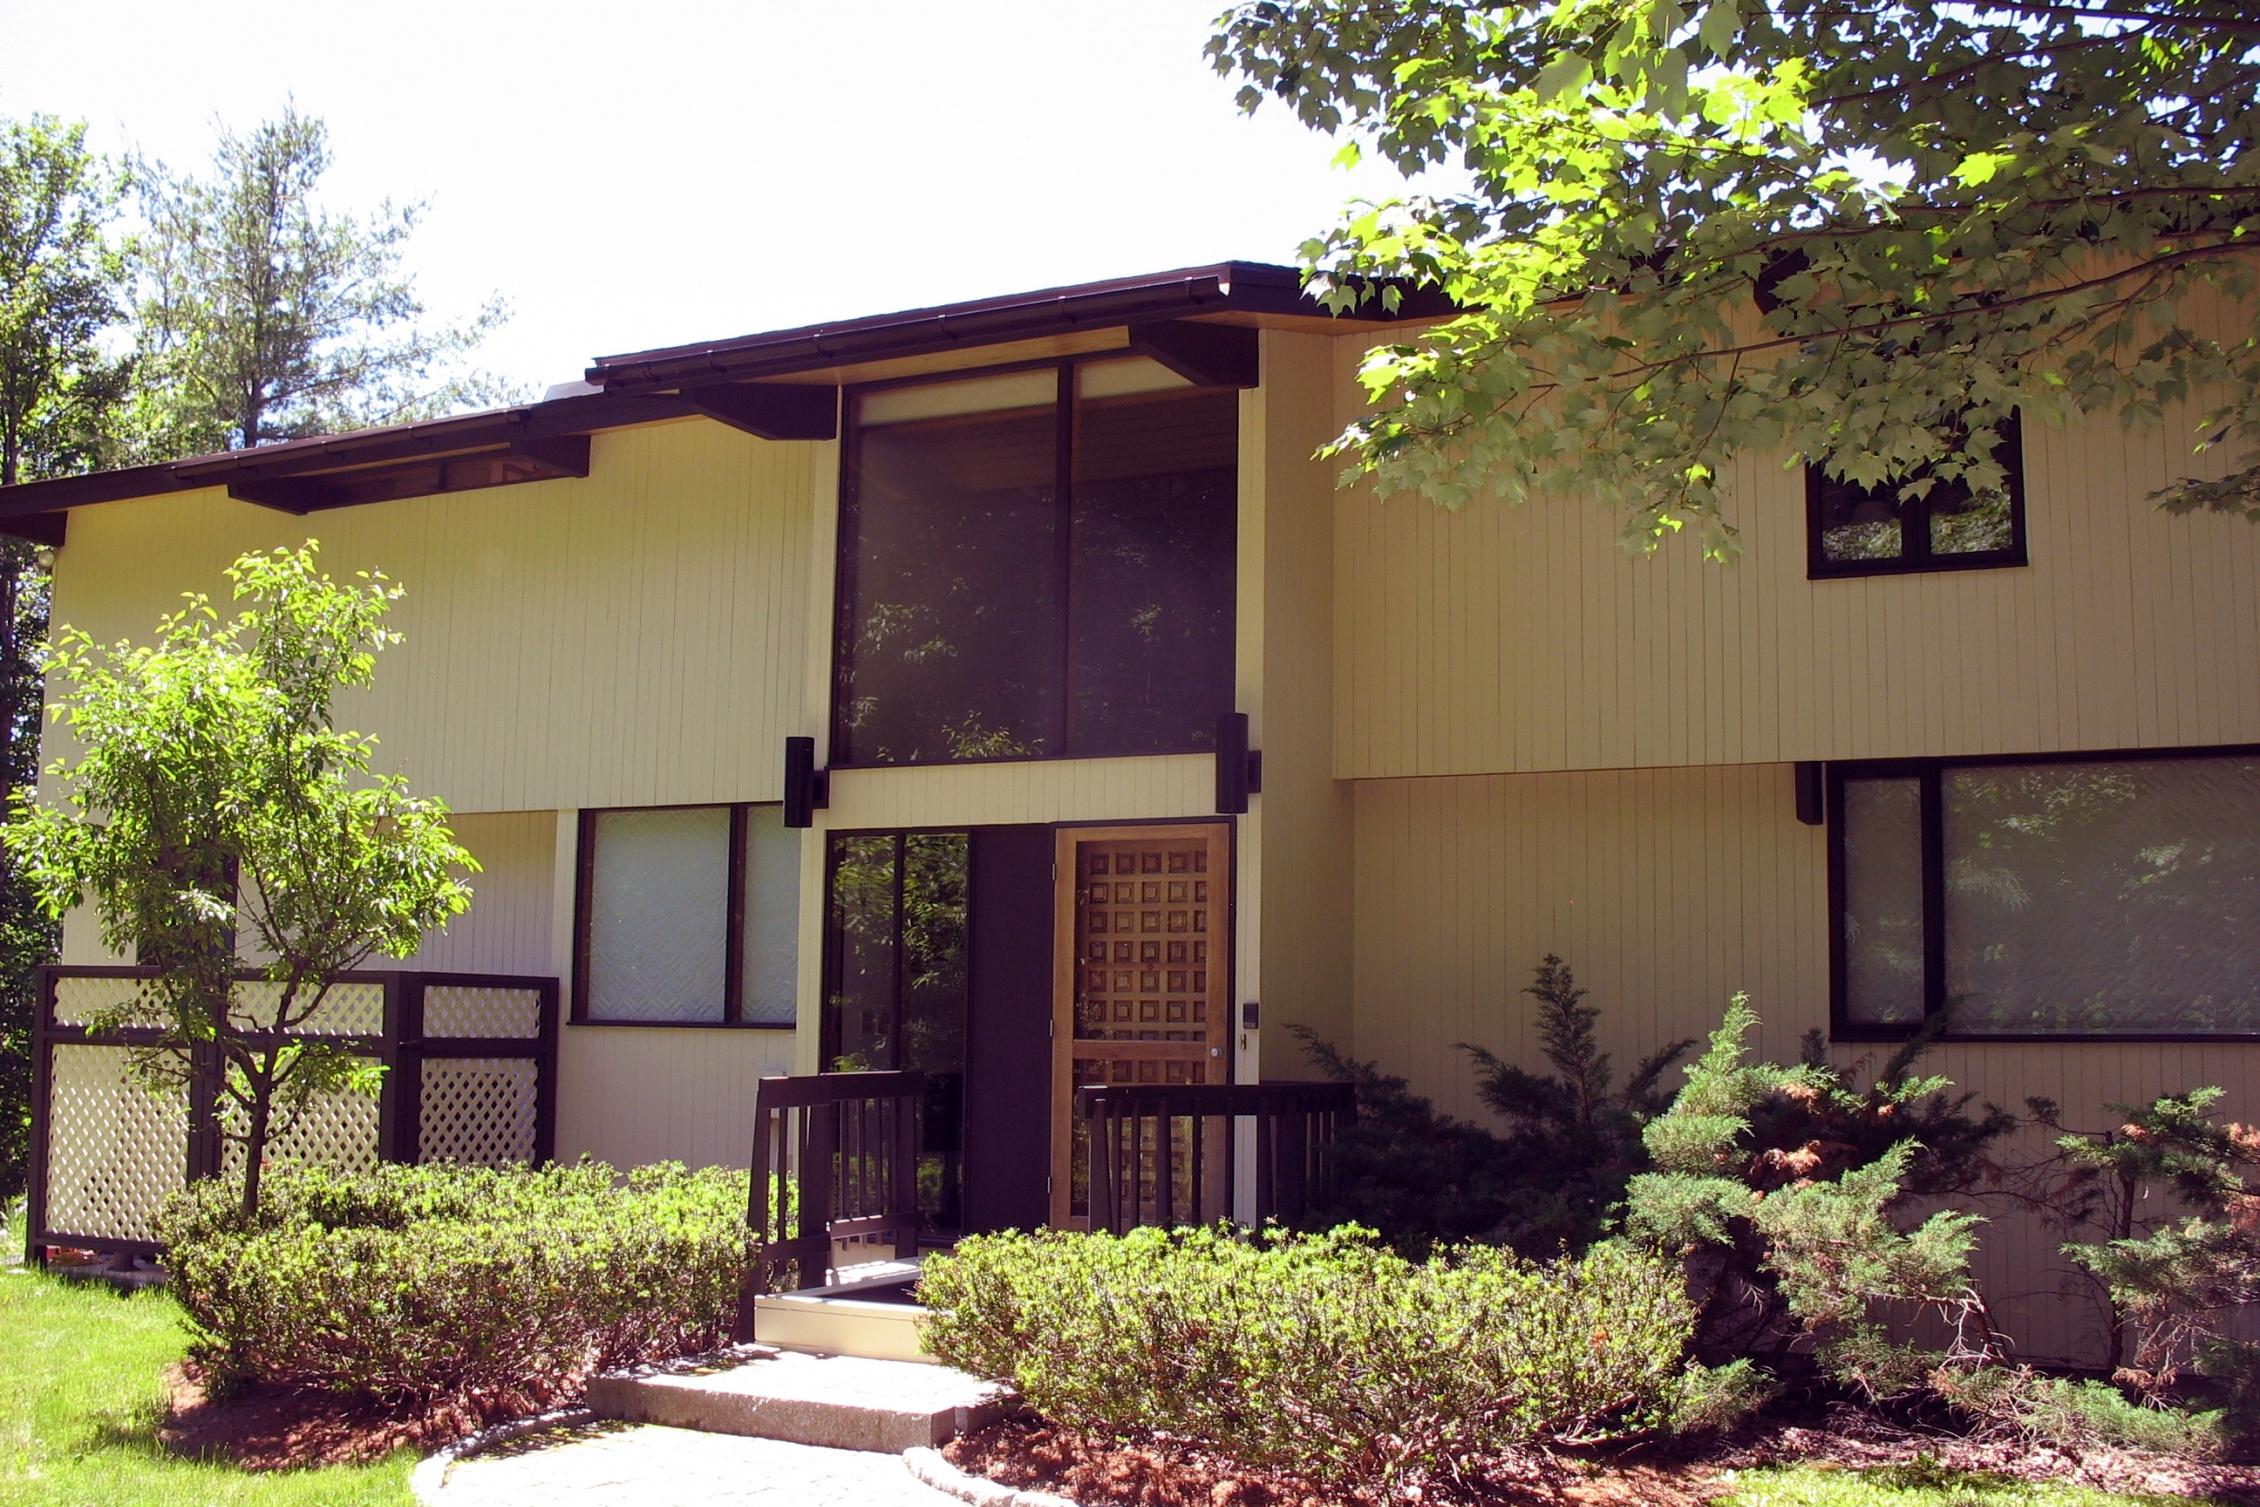 Частный односемейный дом для того Продажа на 3 Juniper Lane, Hanover 3 Juniper Ln Hanover, Нью-Гэмпшир 03755 Соединенные Штаты